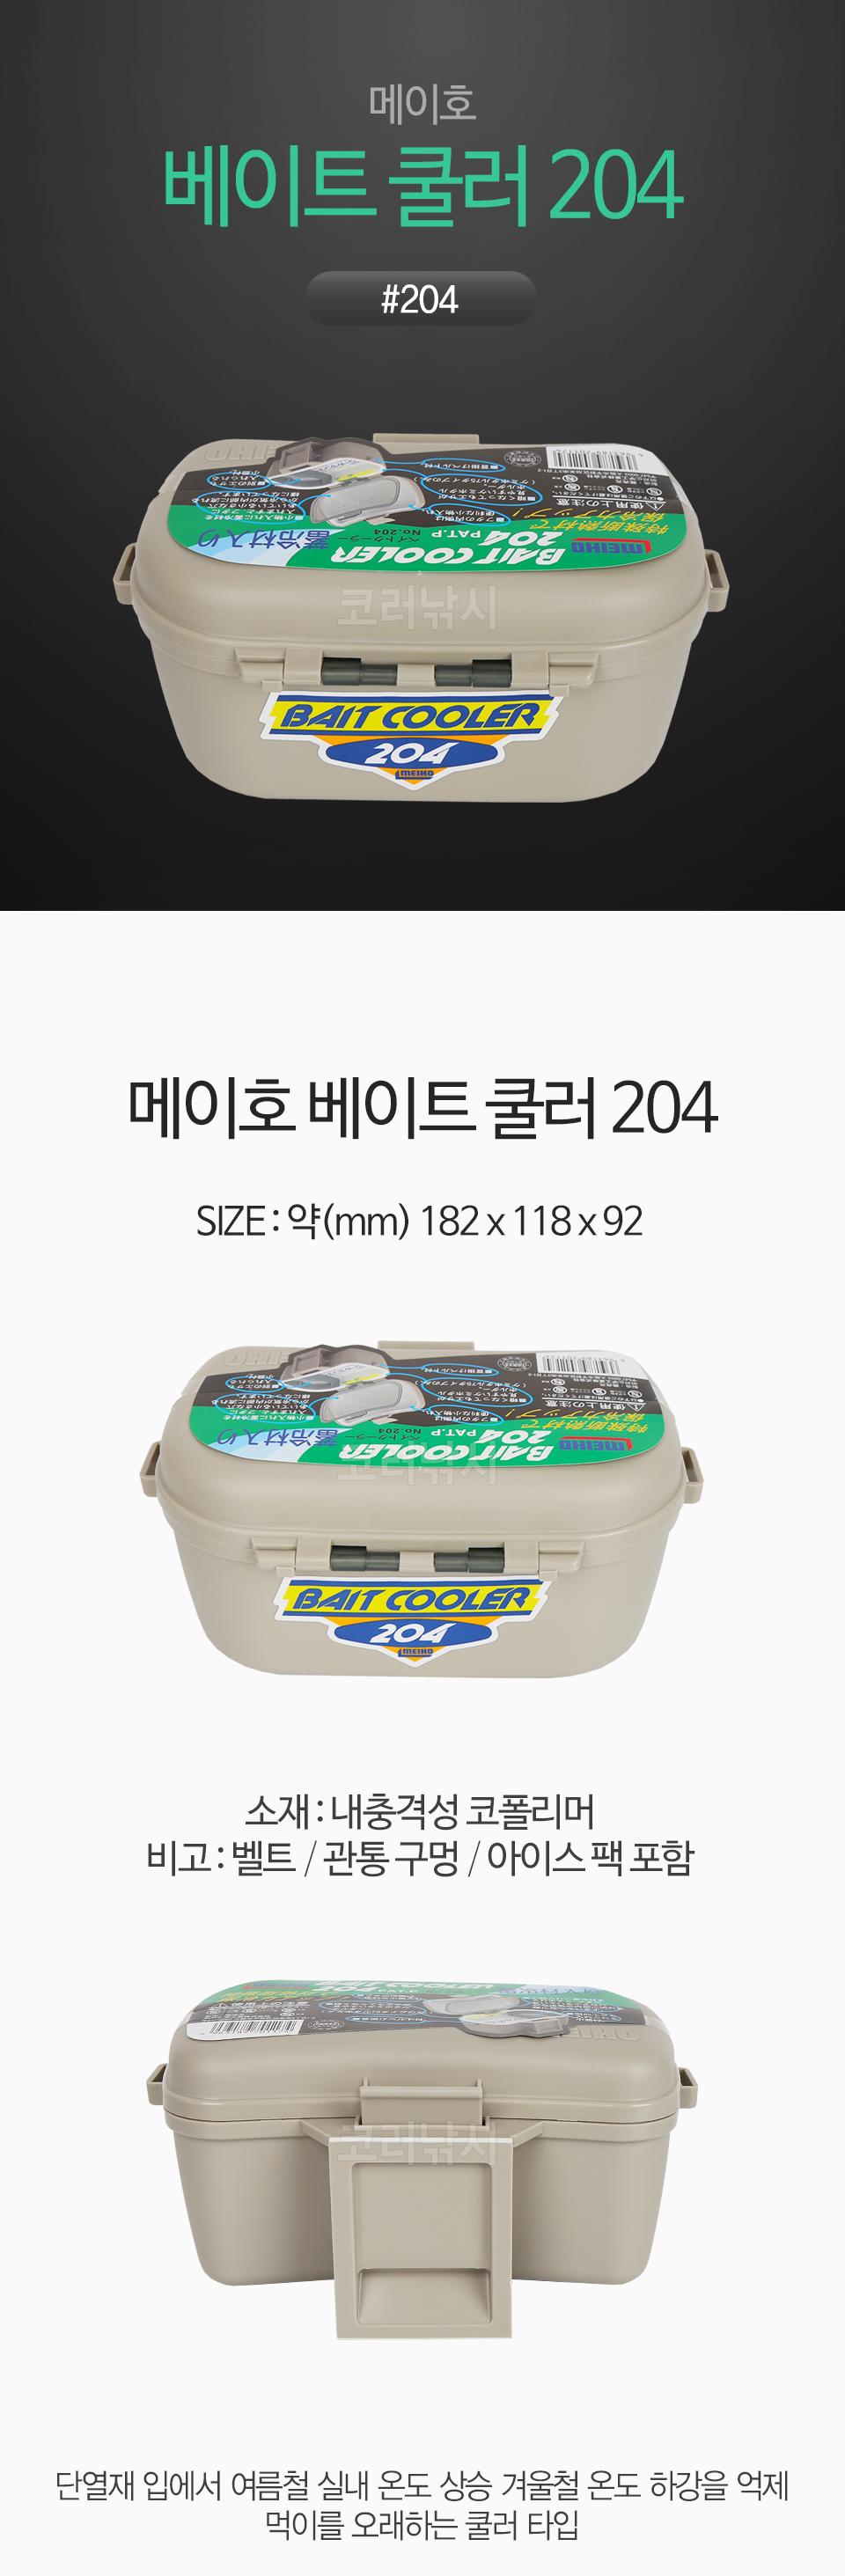 메이호 베이트 쿨러 204 (MADE IN JAPAN) #204 미끼통 크릴통 아이스팩미끼통 미끼통아이스팩